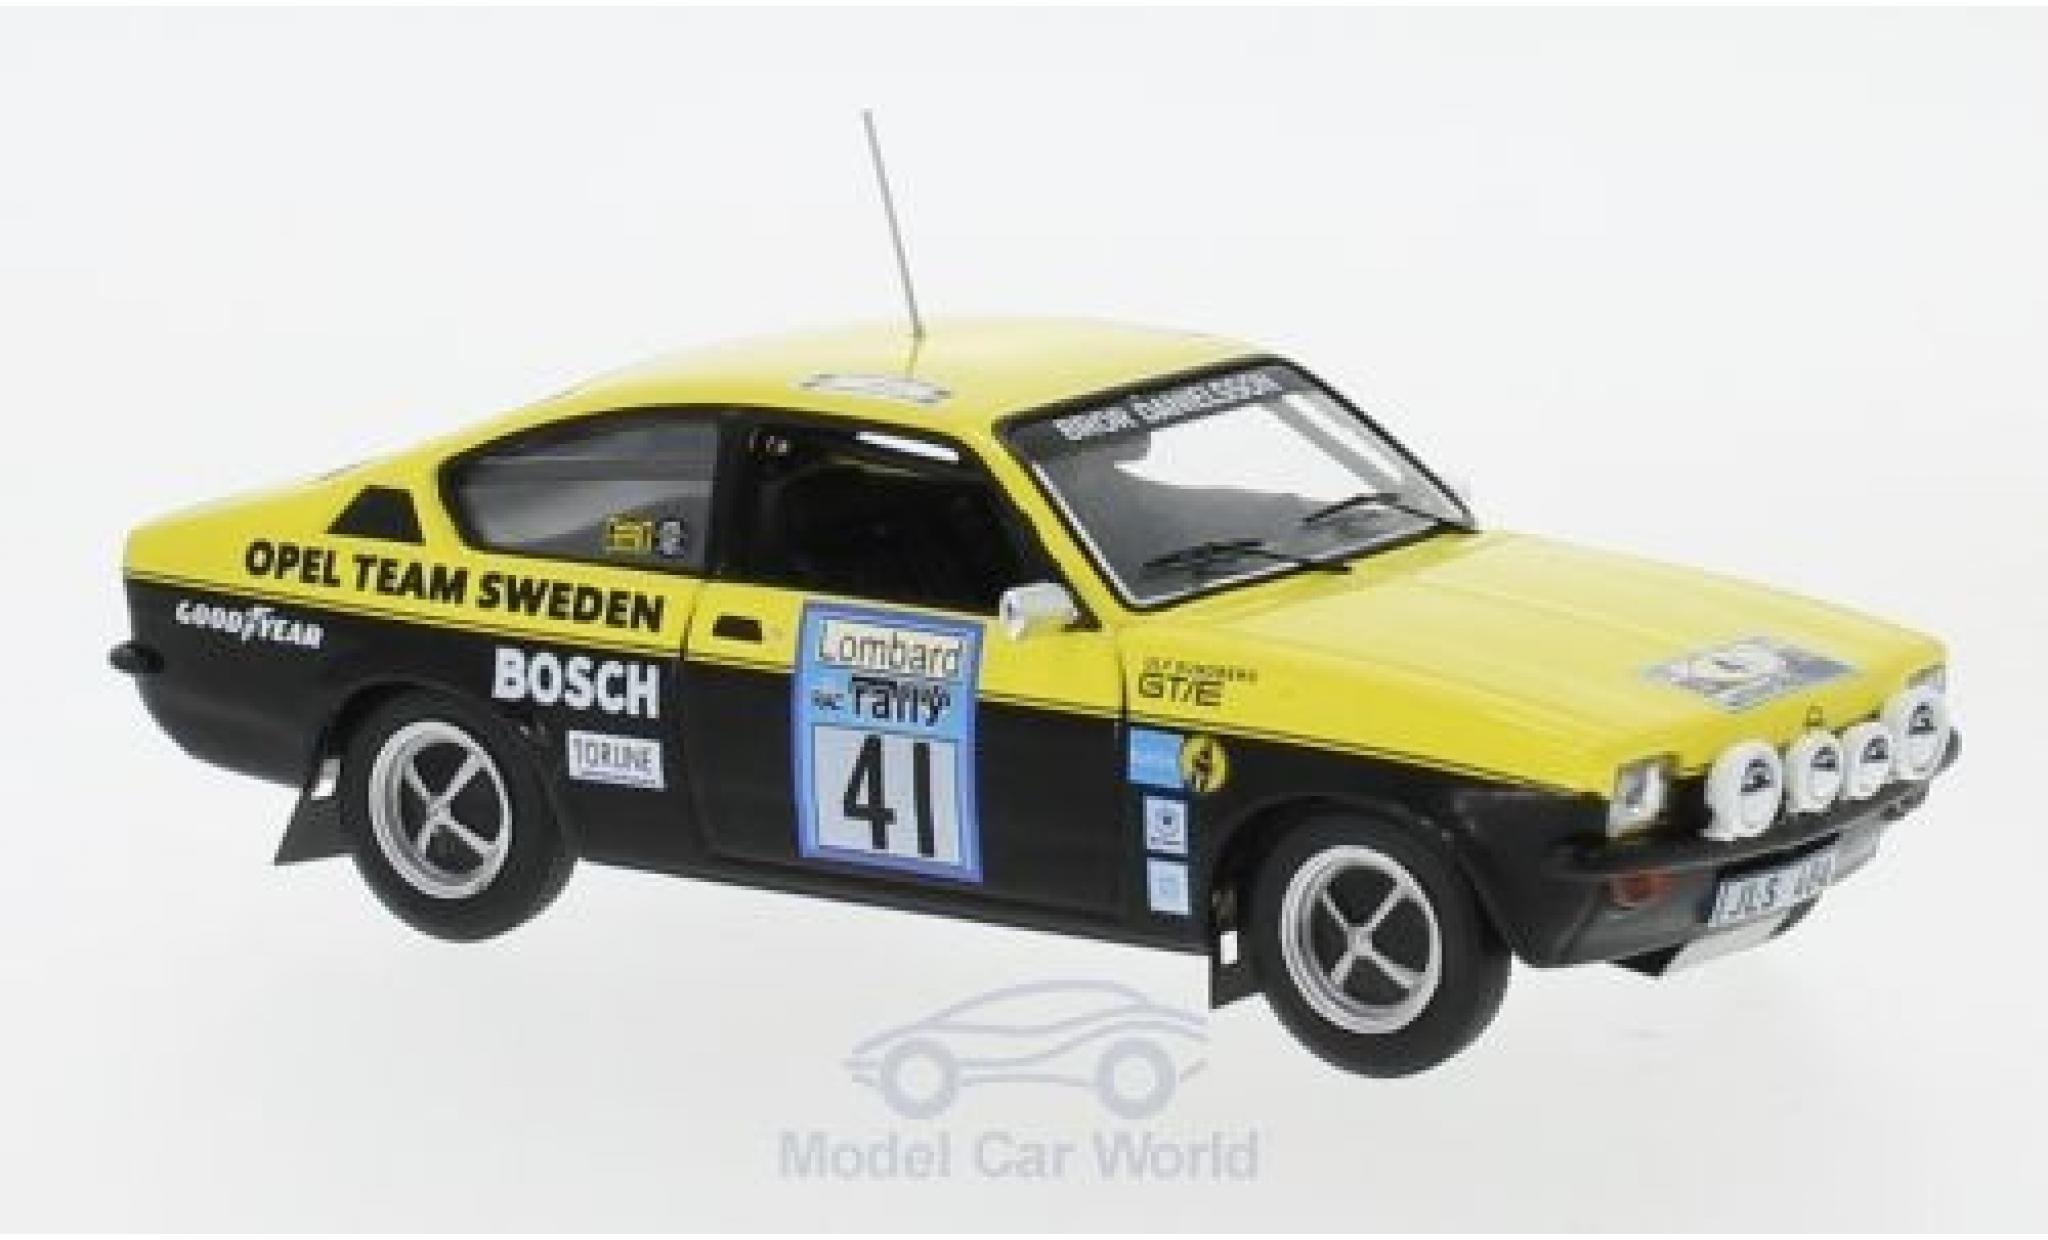 Opel Kadett GT 1/43 IXO C GT/E No.41 Team Sweden Rallye WM RAC Rallye 1976 B.Danielsson/U.Sundberg